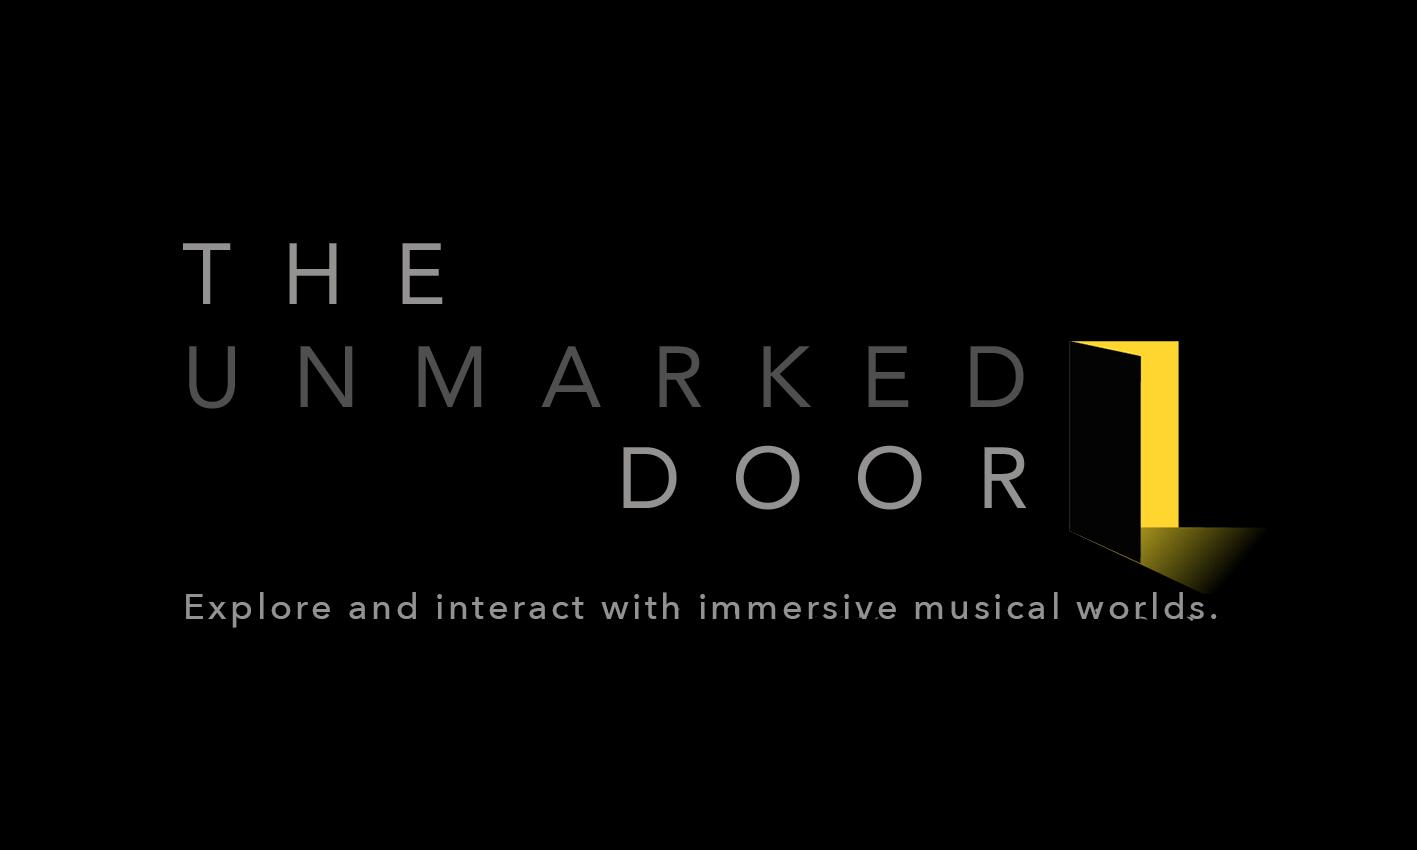 THE UNMARKED DOOR - 2018